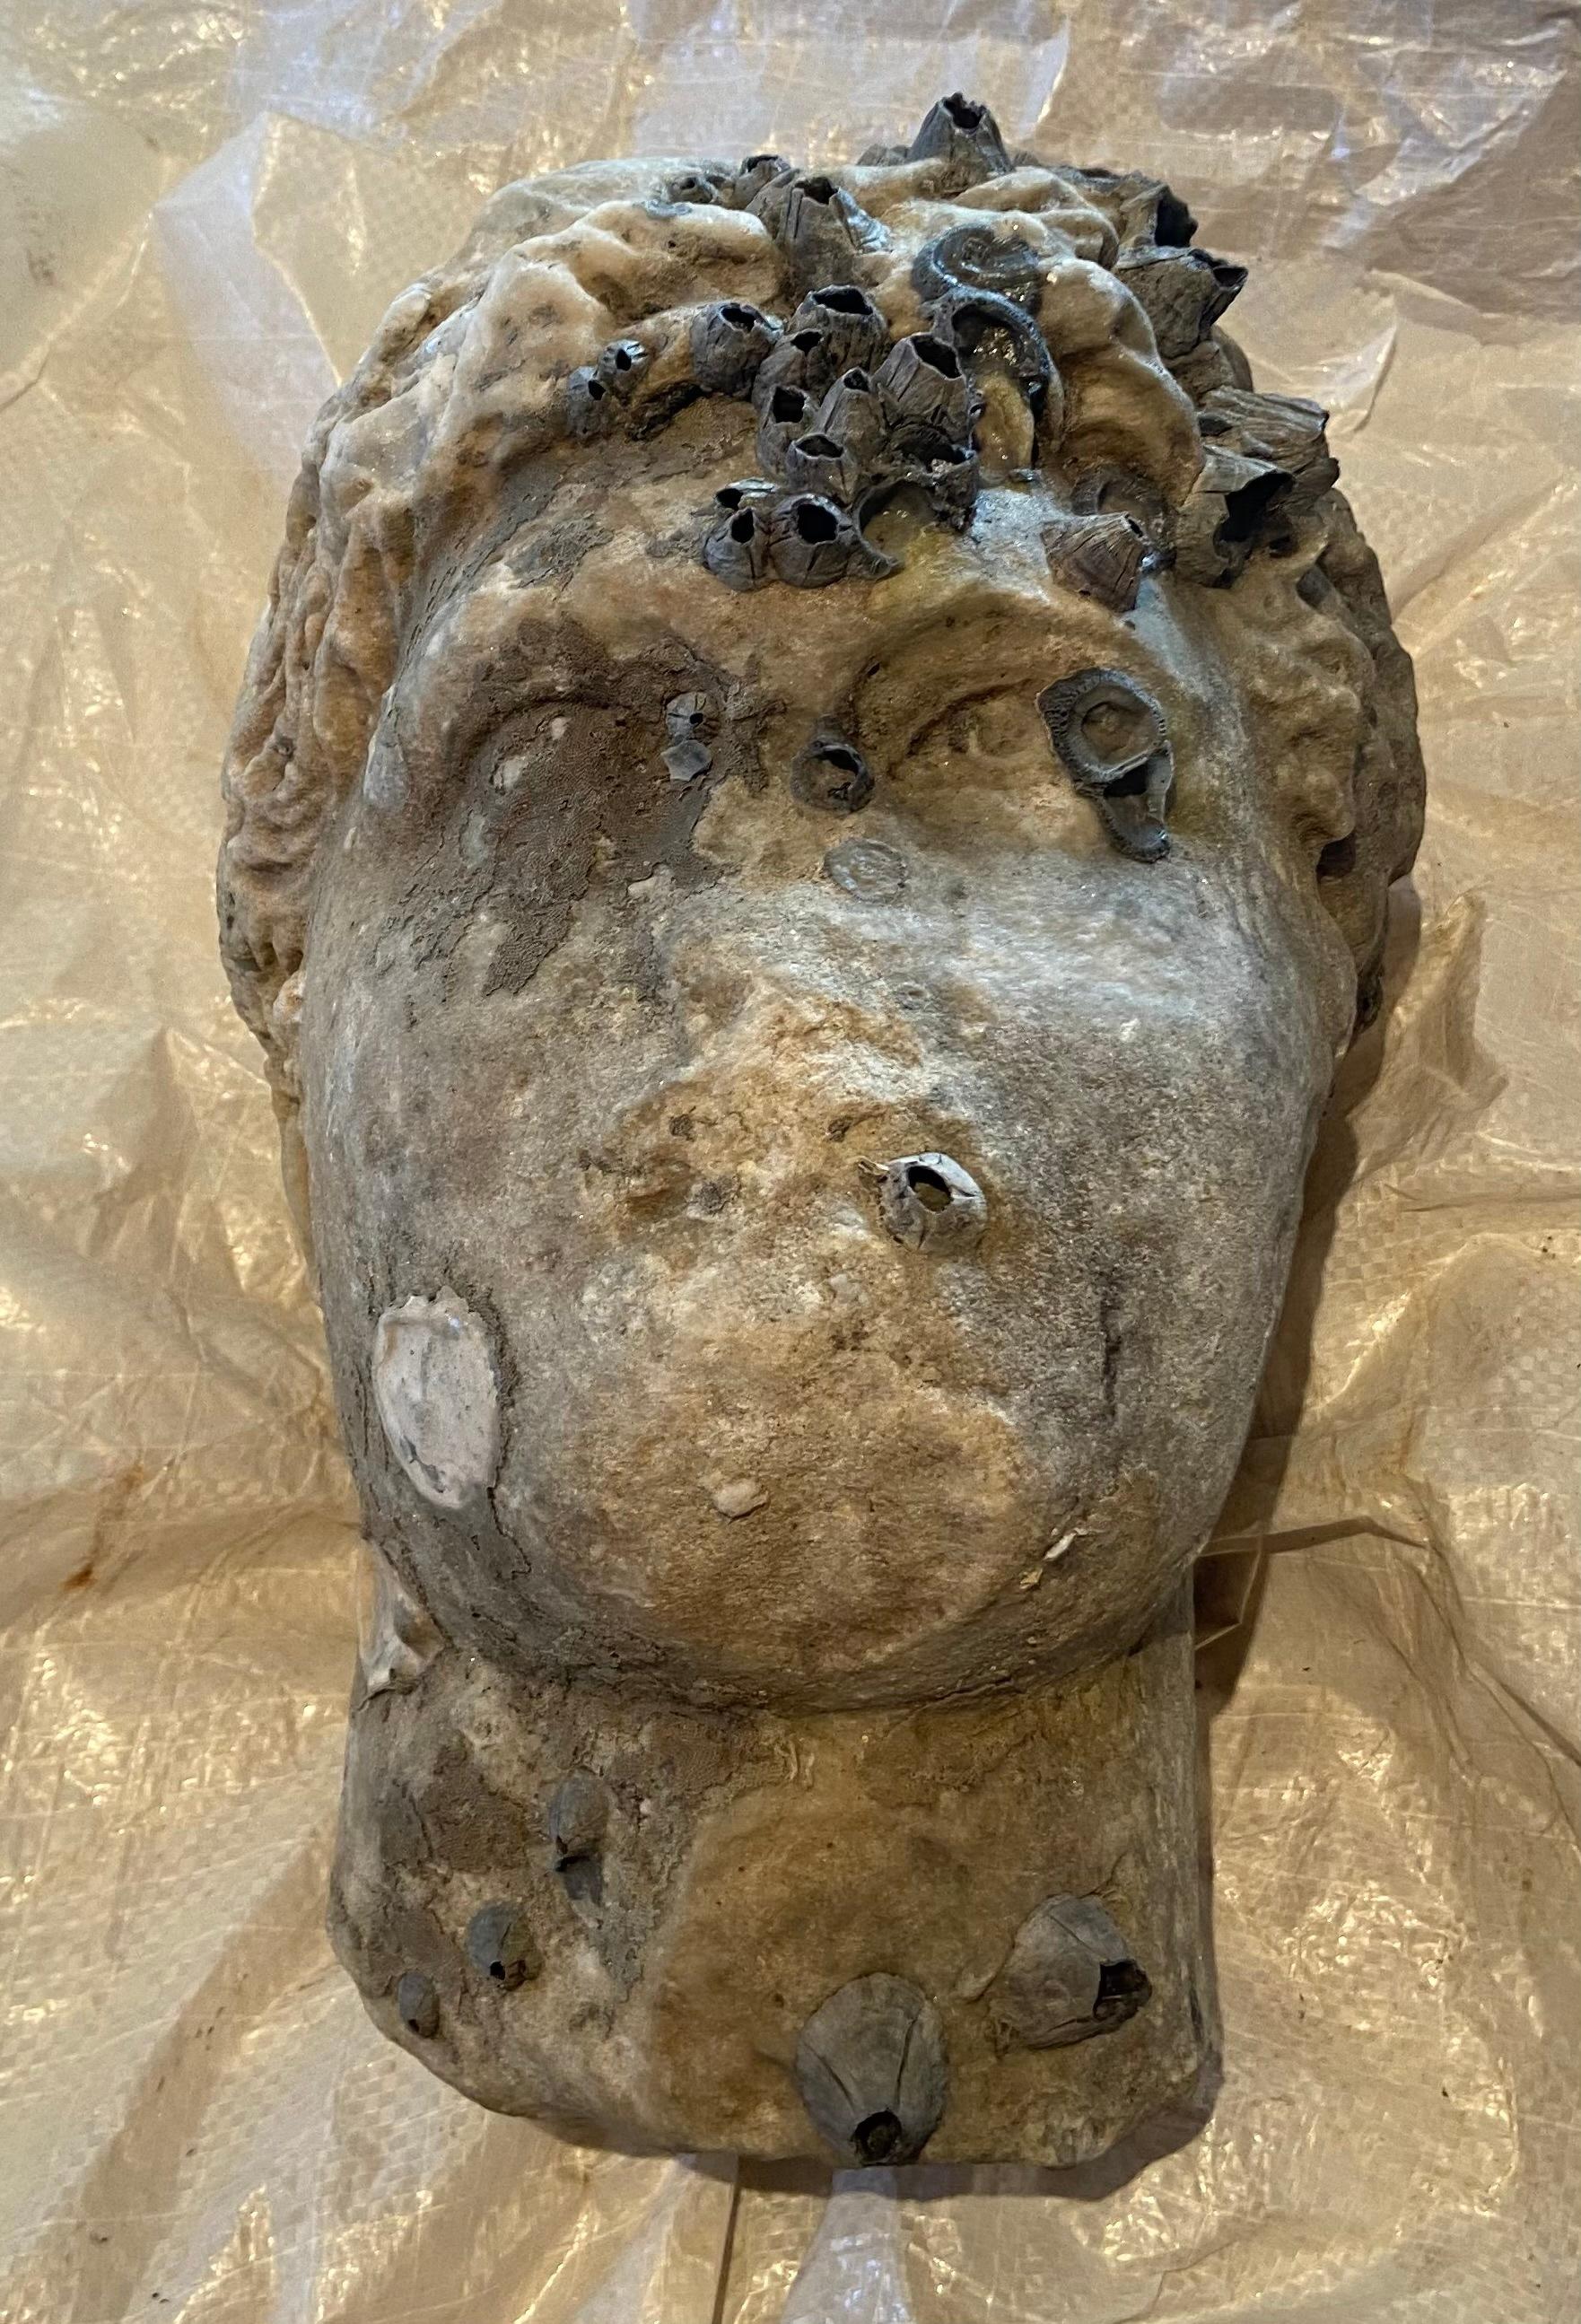 Παράδοση κεφαλής ρωμαϊκής περιόδου που ανασύρθηκε από τη θαλάσσια περιοχή της Πρέβεζας